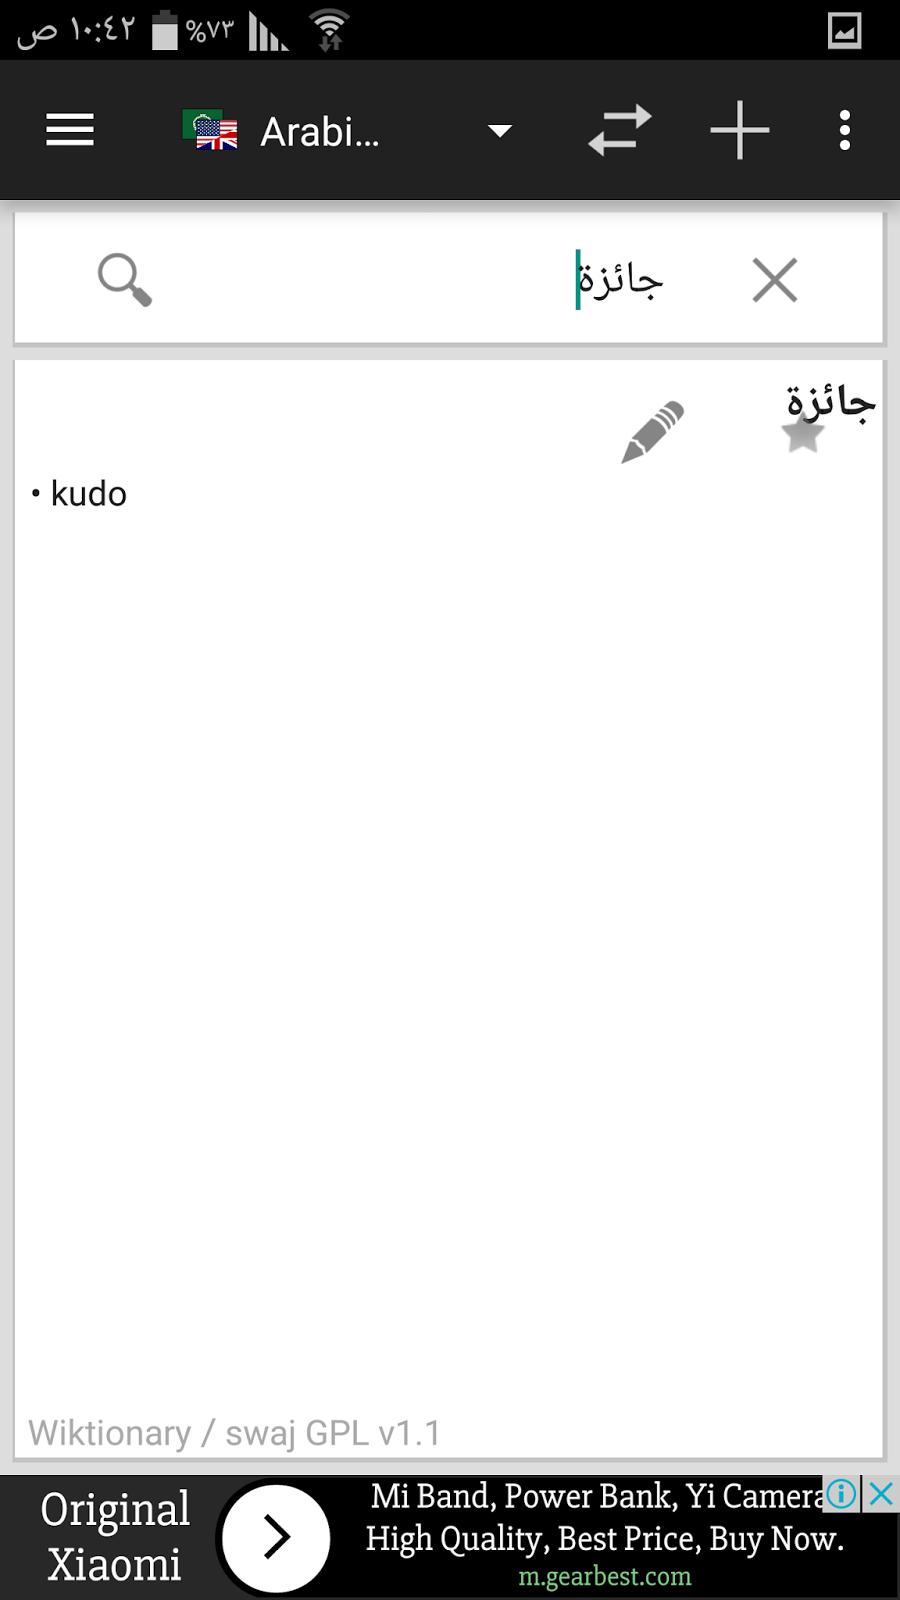 تحميل برنامج ترجمة بدون انترنت للاندرويد Offline dictionaries | بحرية درويد